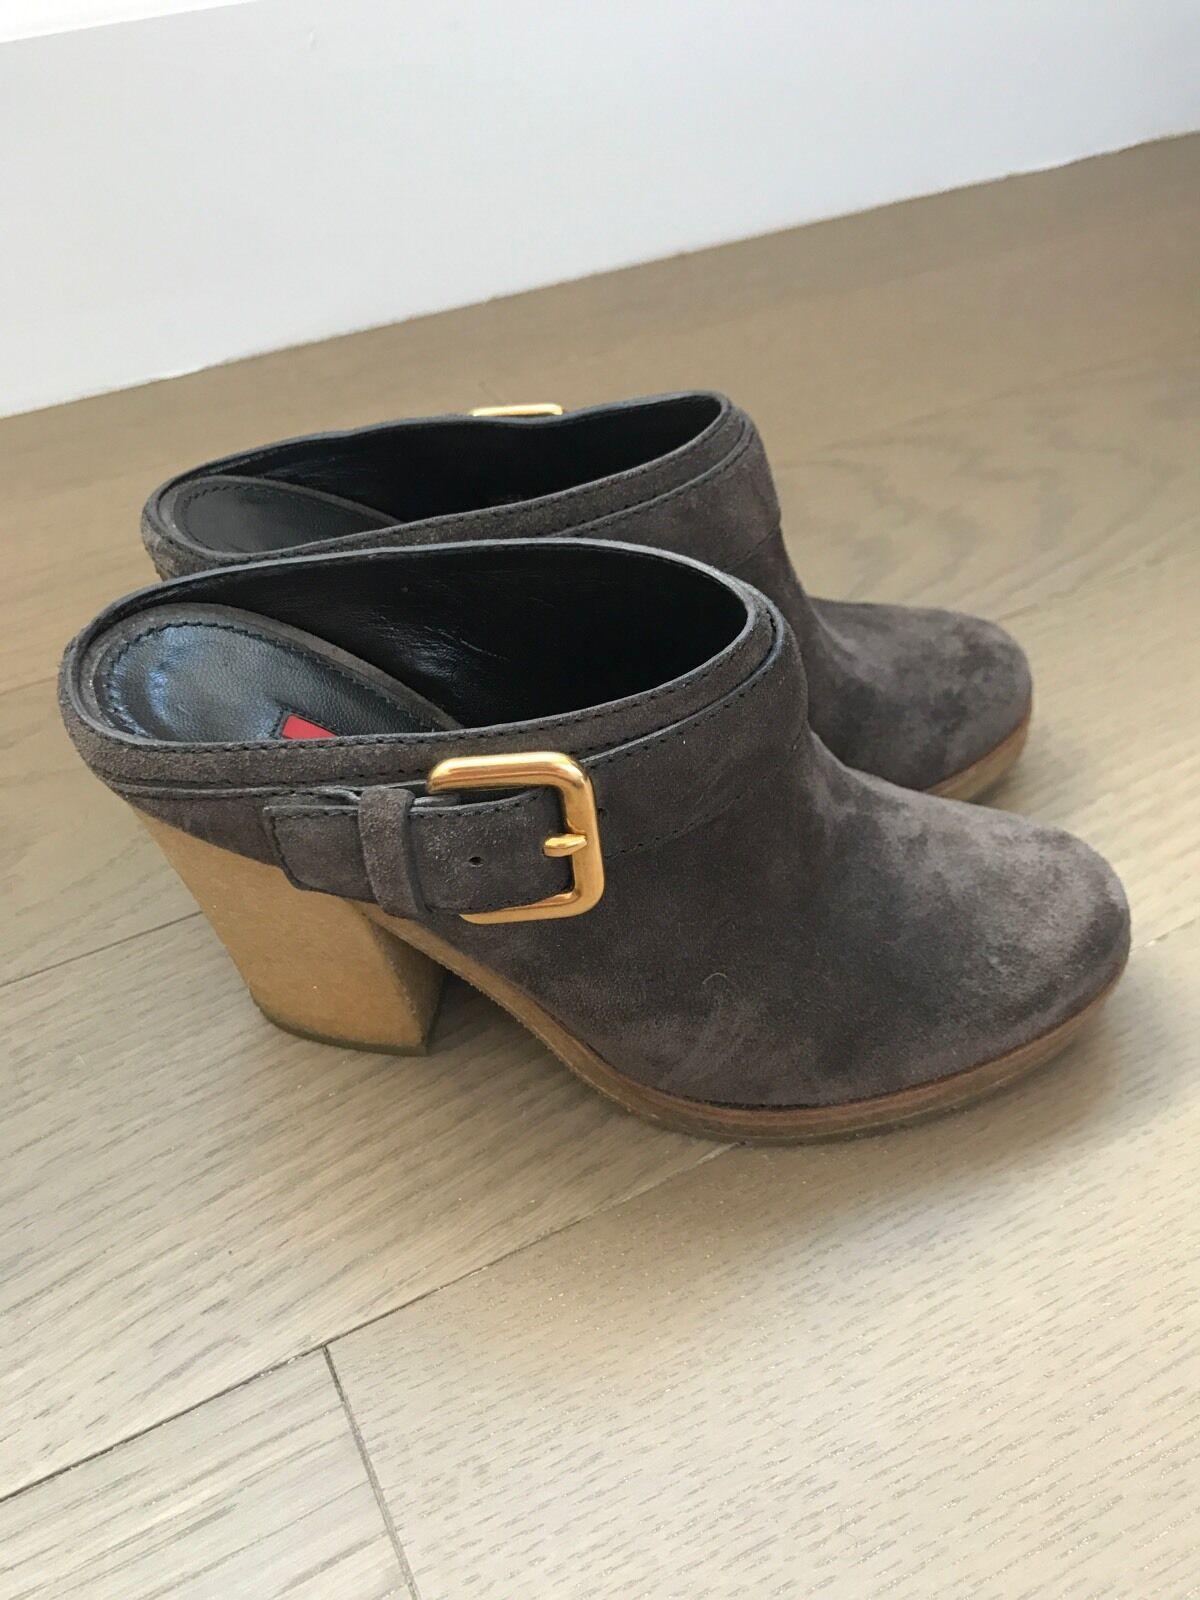 Prada Suede Clogs Size 35.5